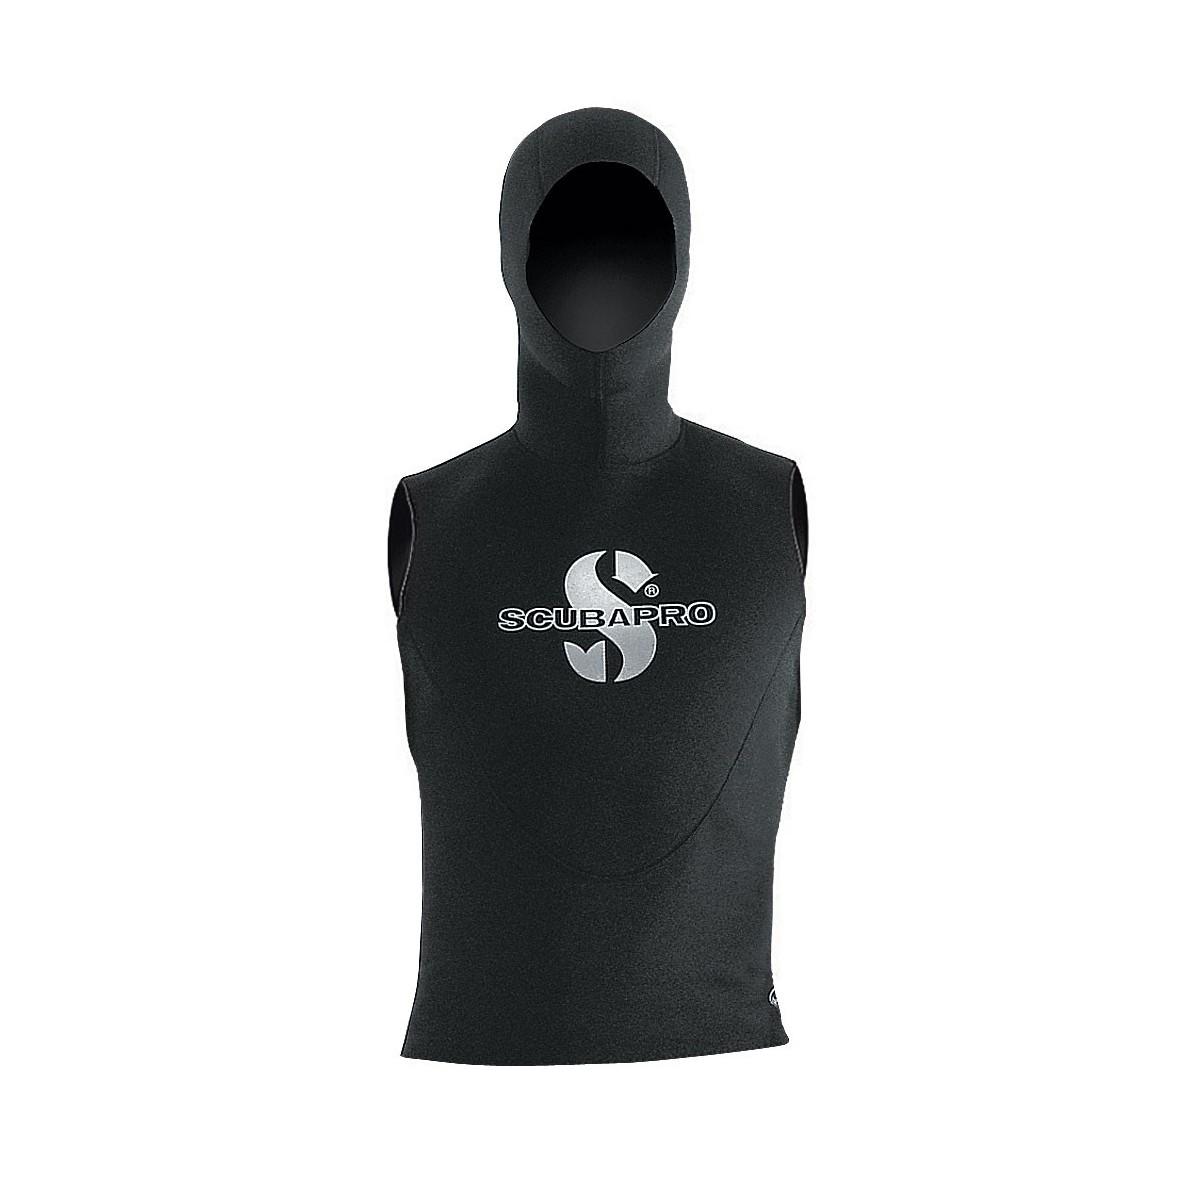 Scubapro Everflex Hooded Diving Vest 2.5mm